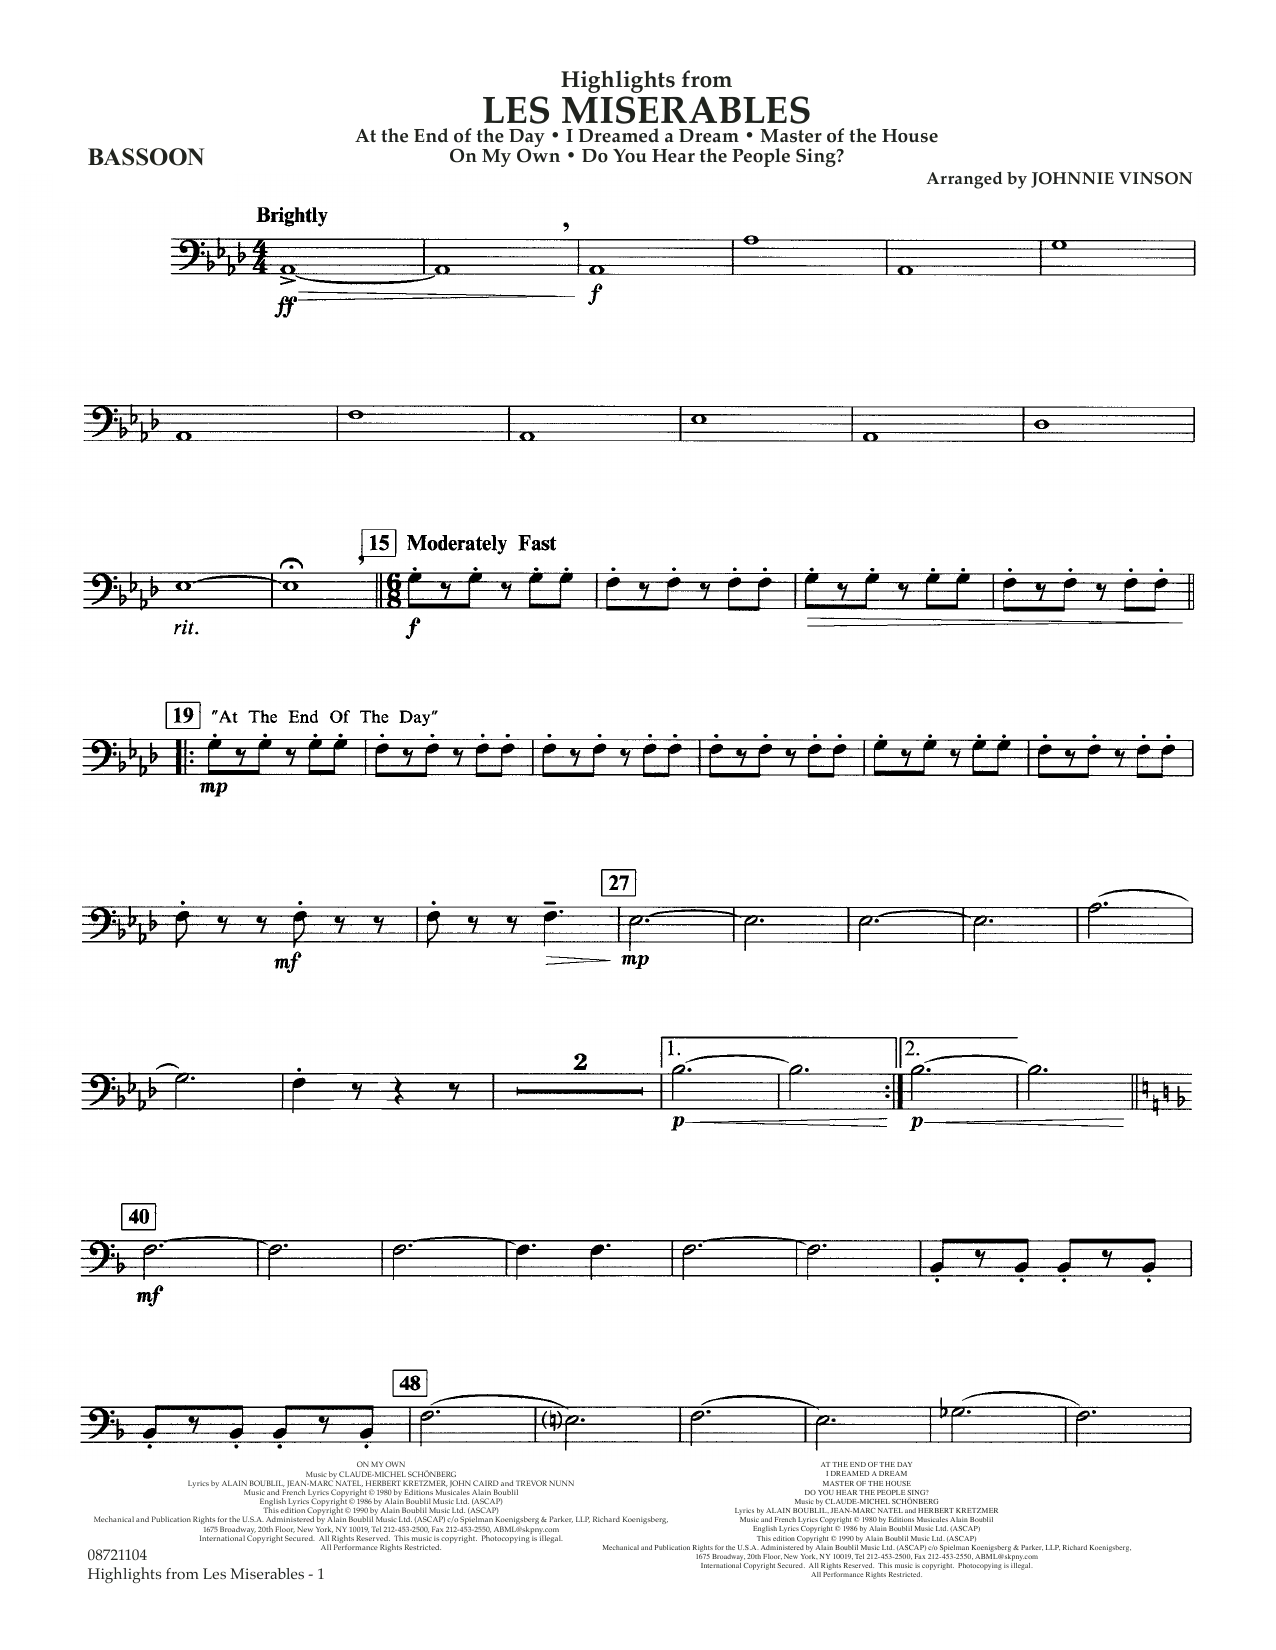 Highlights from Les Misérables (arr. Johnnie Vinson) - Bassoon (Concert Band)